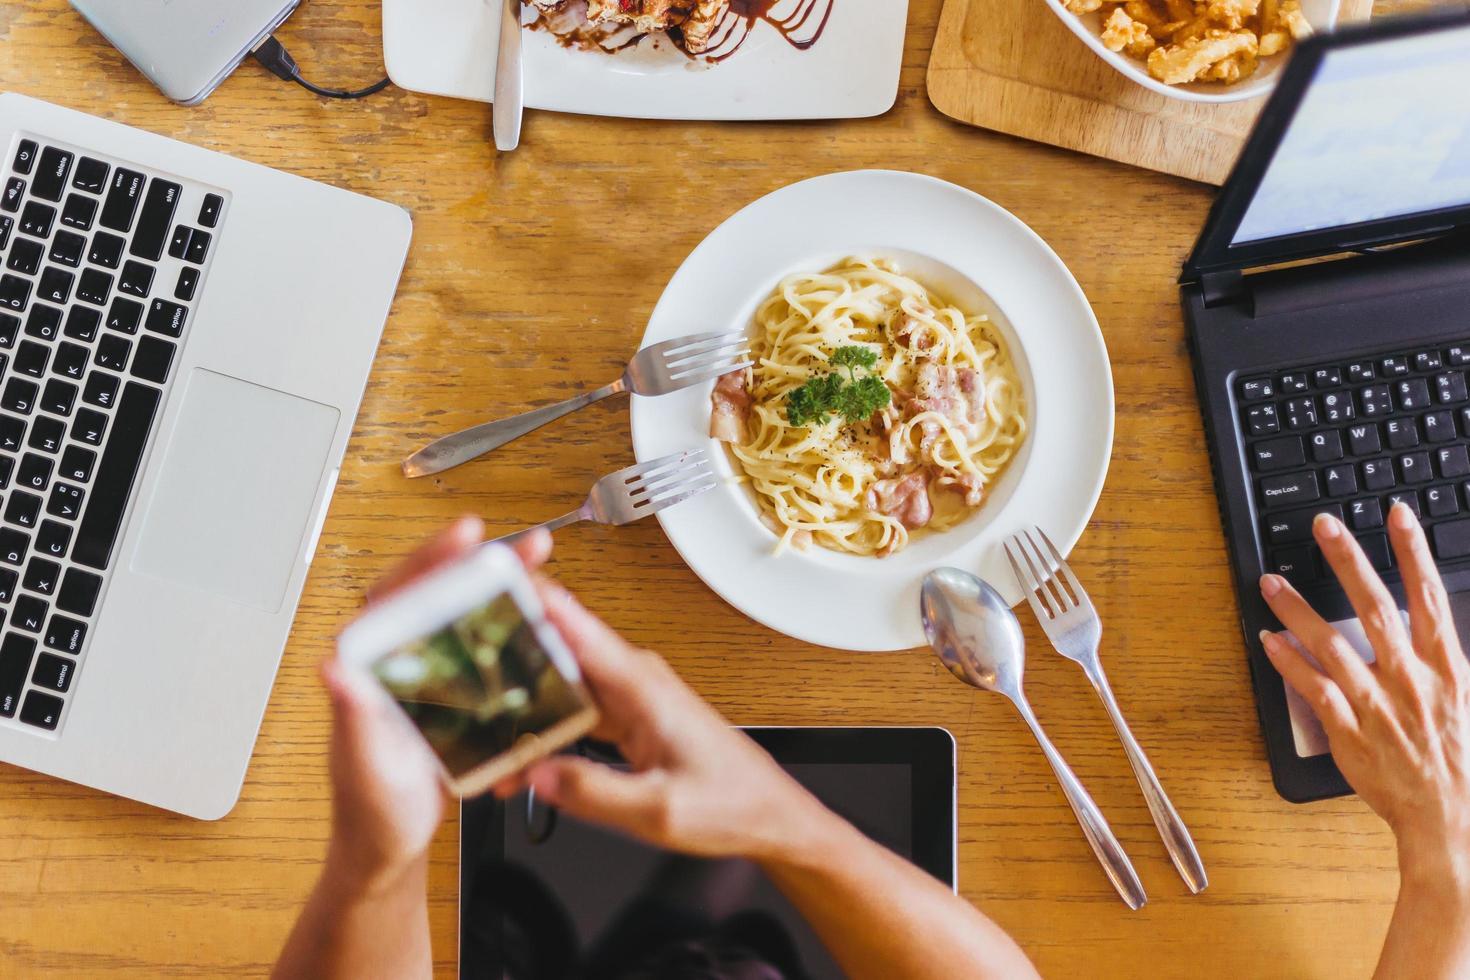 trabalhadores comem durante as reuniões em um café foto